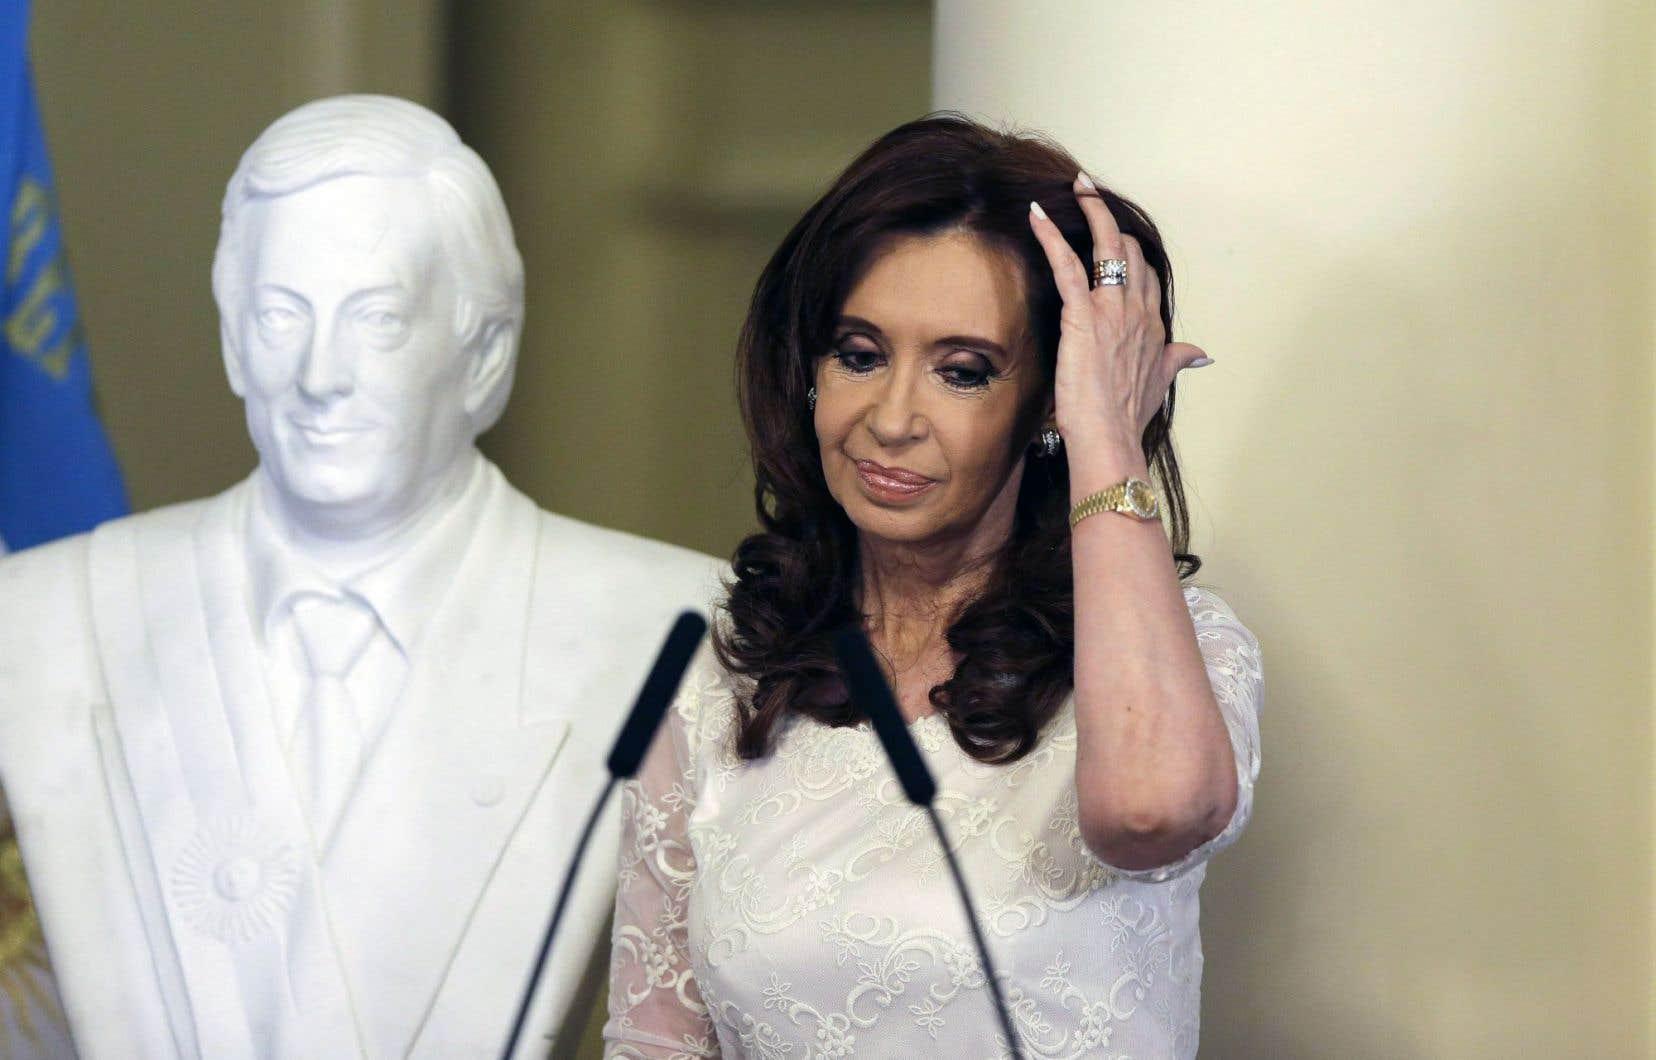 Cristina Kirchner au palais présidentiel en décembre 2015, devant un buste de son défunt mari. L'ex-dirigeante est la cible de plusieurs enquêtes de la justice argentine.